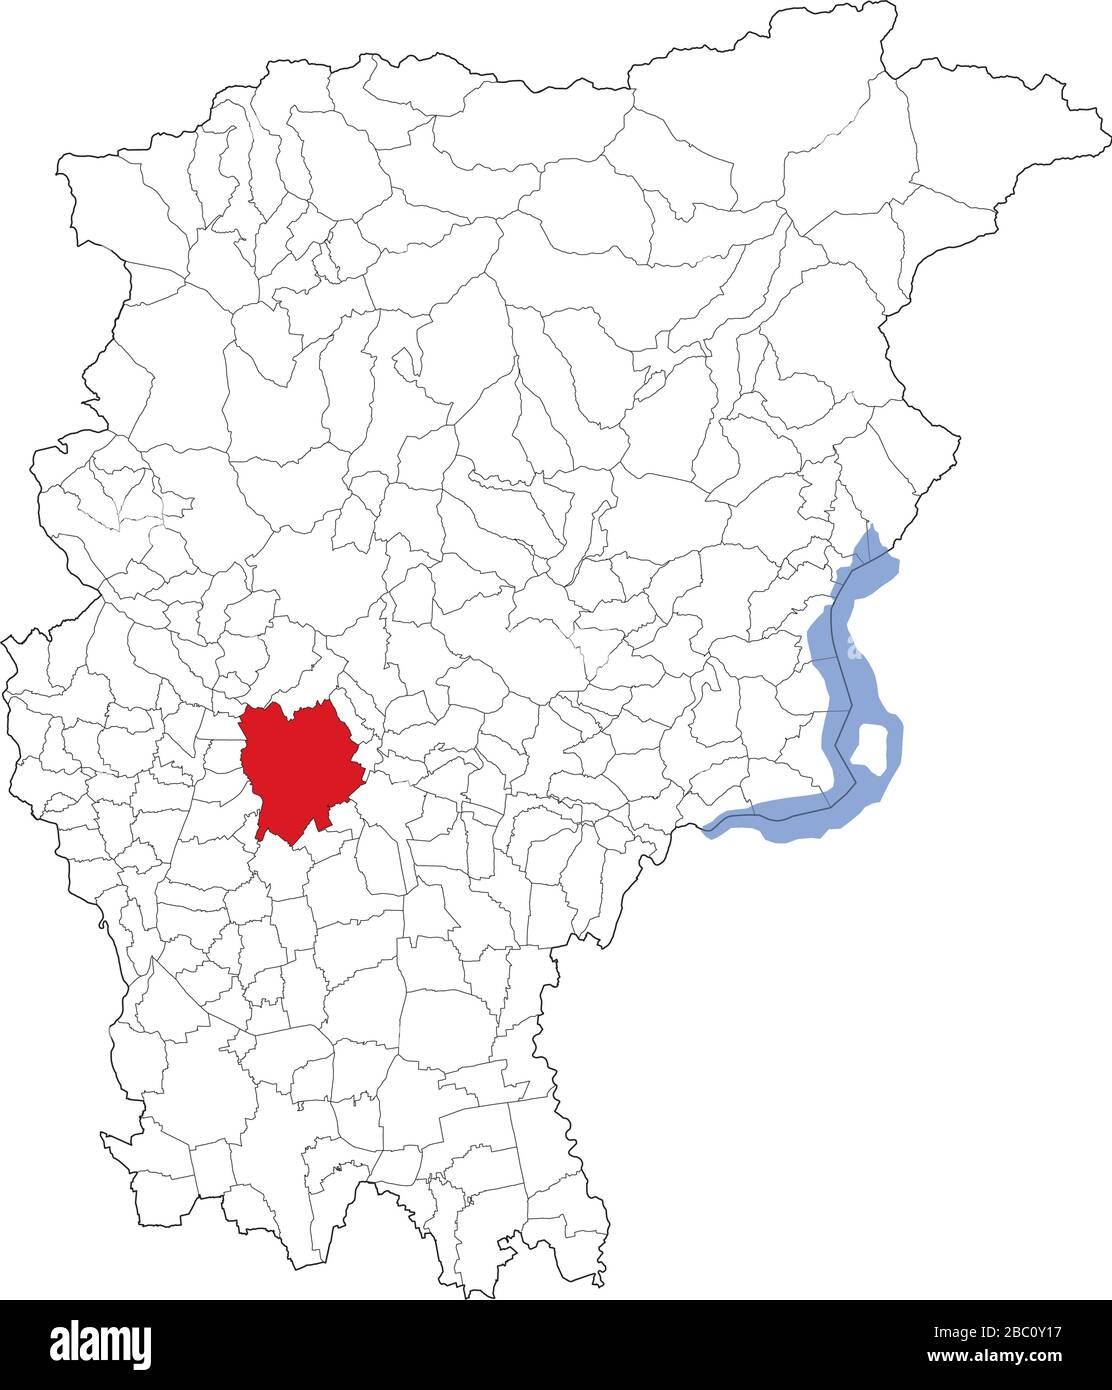 Cartina Satellitare Lombardia.Vista Satellitare Dei Comuni In Provincia Di Bergamo Mappa Lombardia Italia Immagine E Vettoriale Alamy